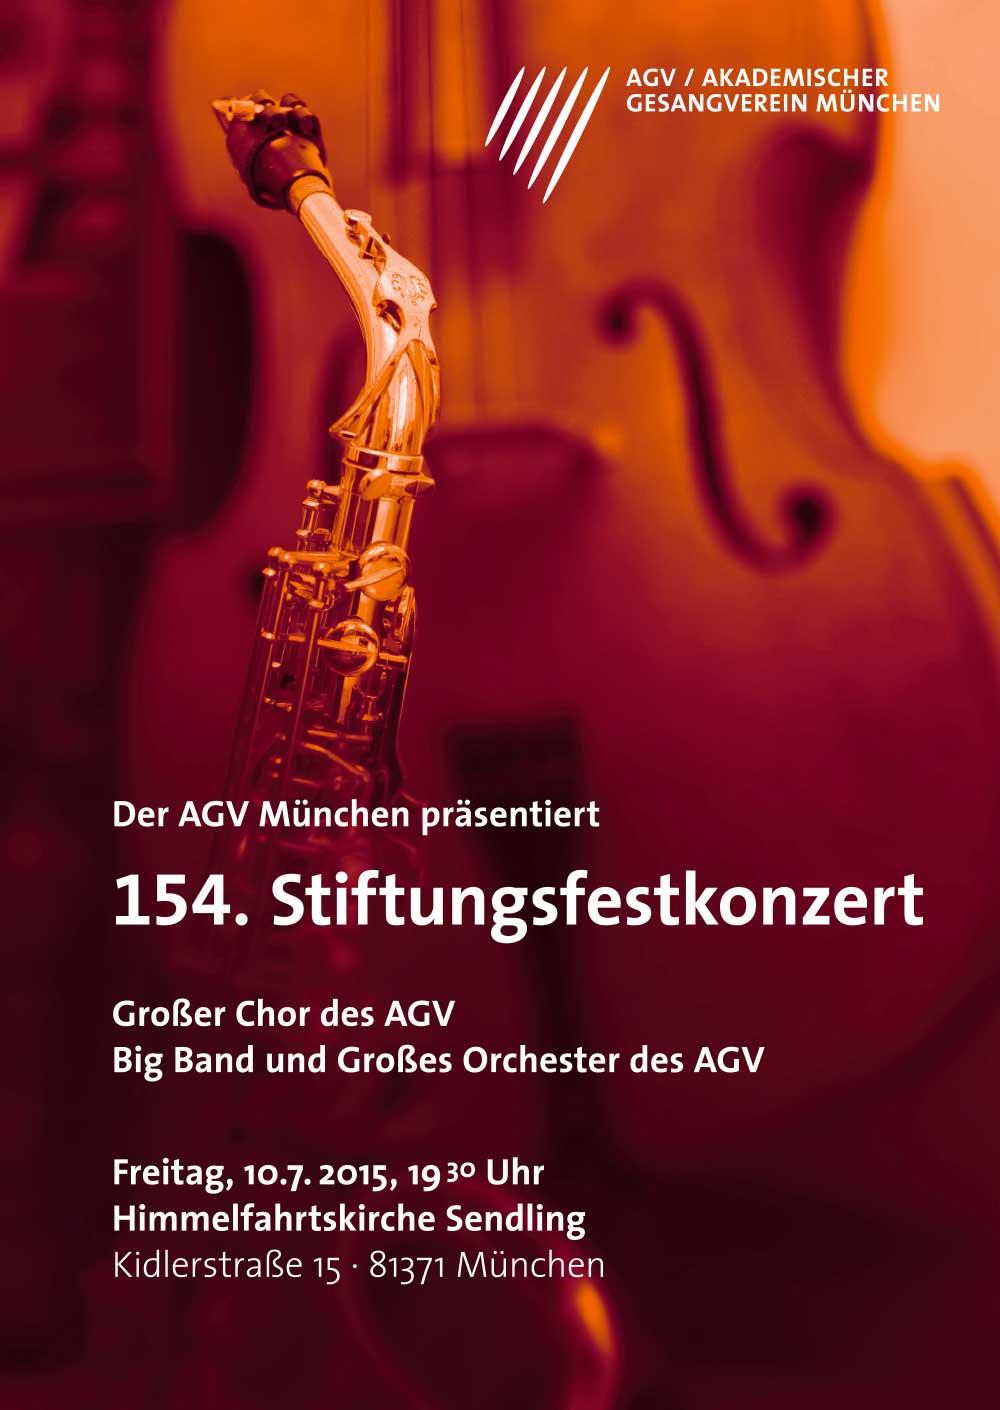 Akademischer Gesangsverein München Stiftungsfest Design